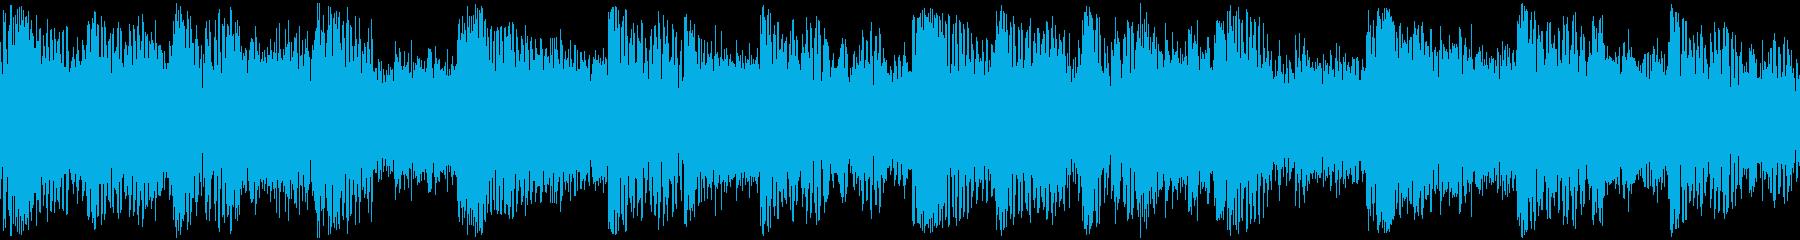 E.ギターがメインのヘビーメタルサウンドの再生済みの波形